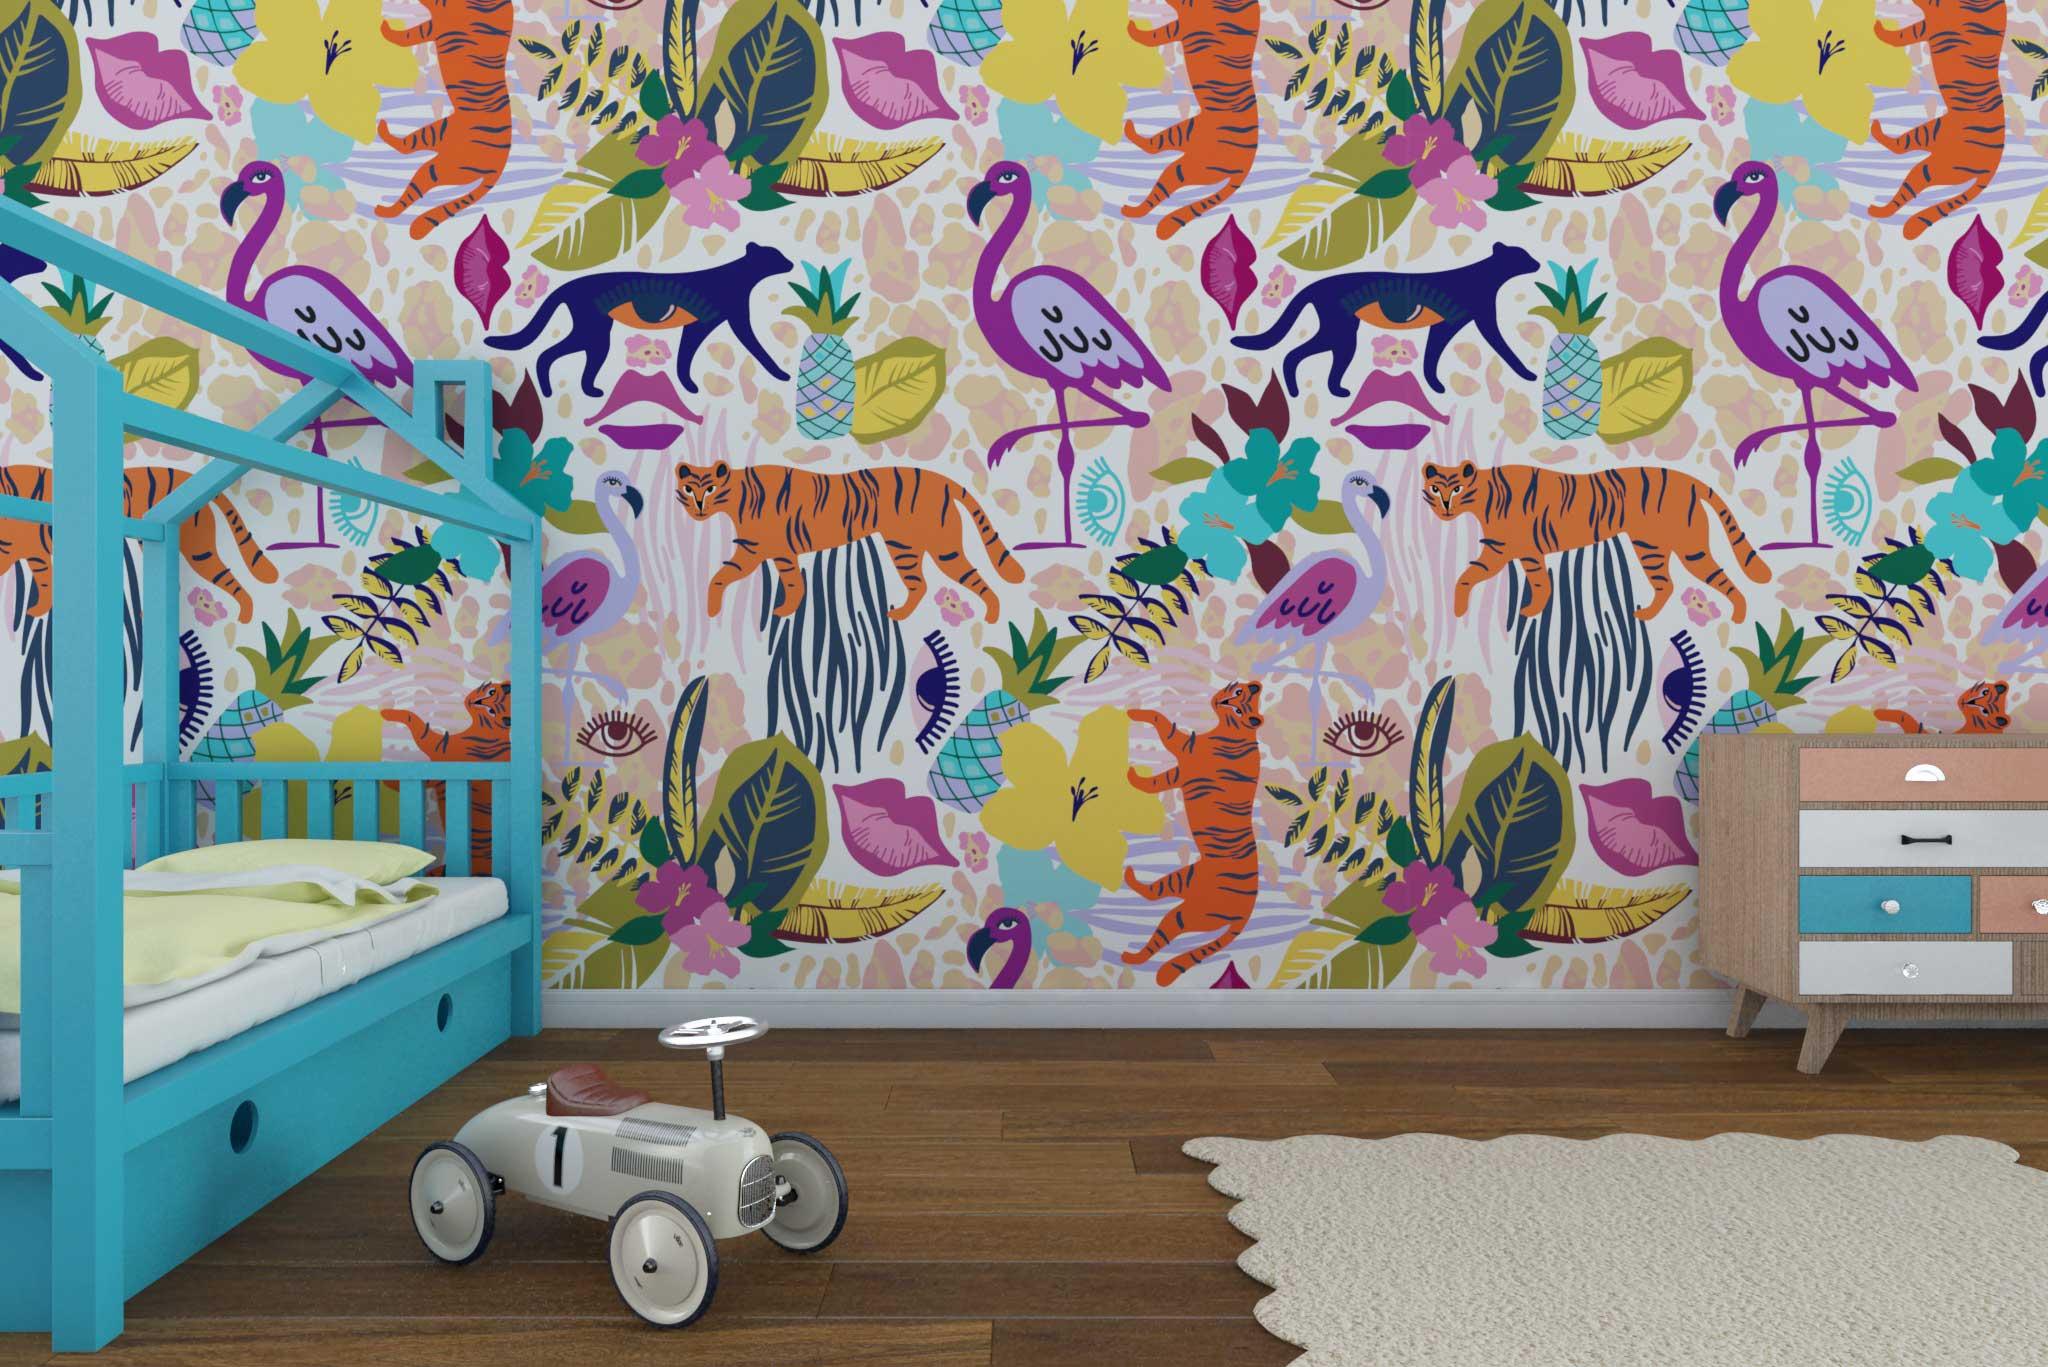 tapet-fototapet-comanda-personalizat-bucuresti-camera-dormitor-copii-model-animale-flori-jungla-multicolor